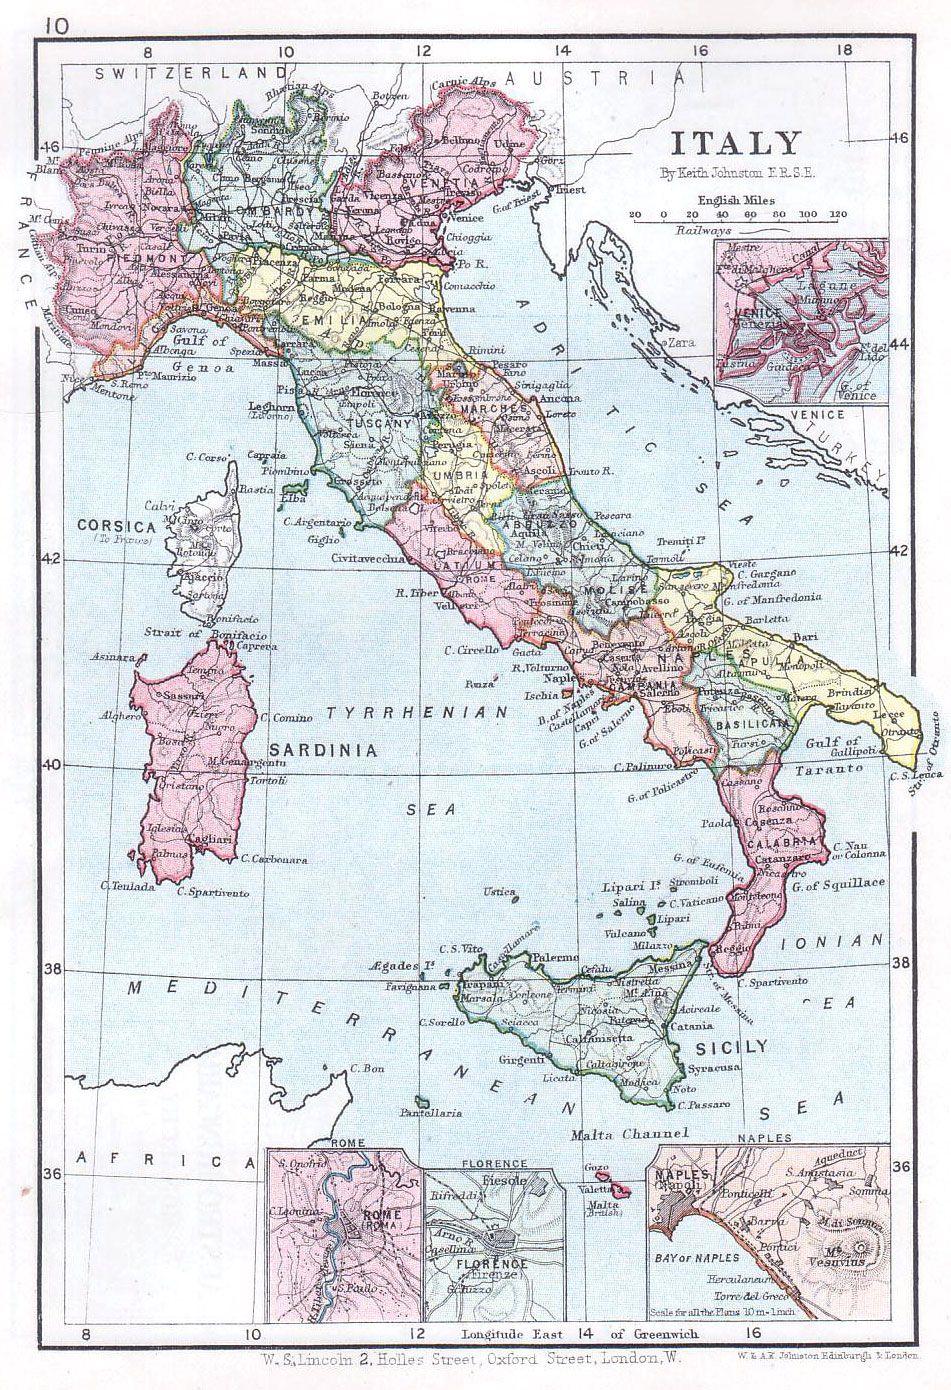 Mapa de Italia de 1899 (Lincoln)